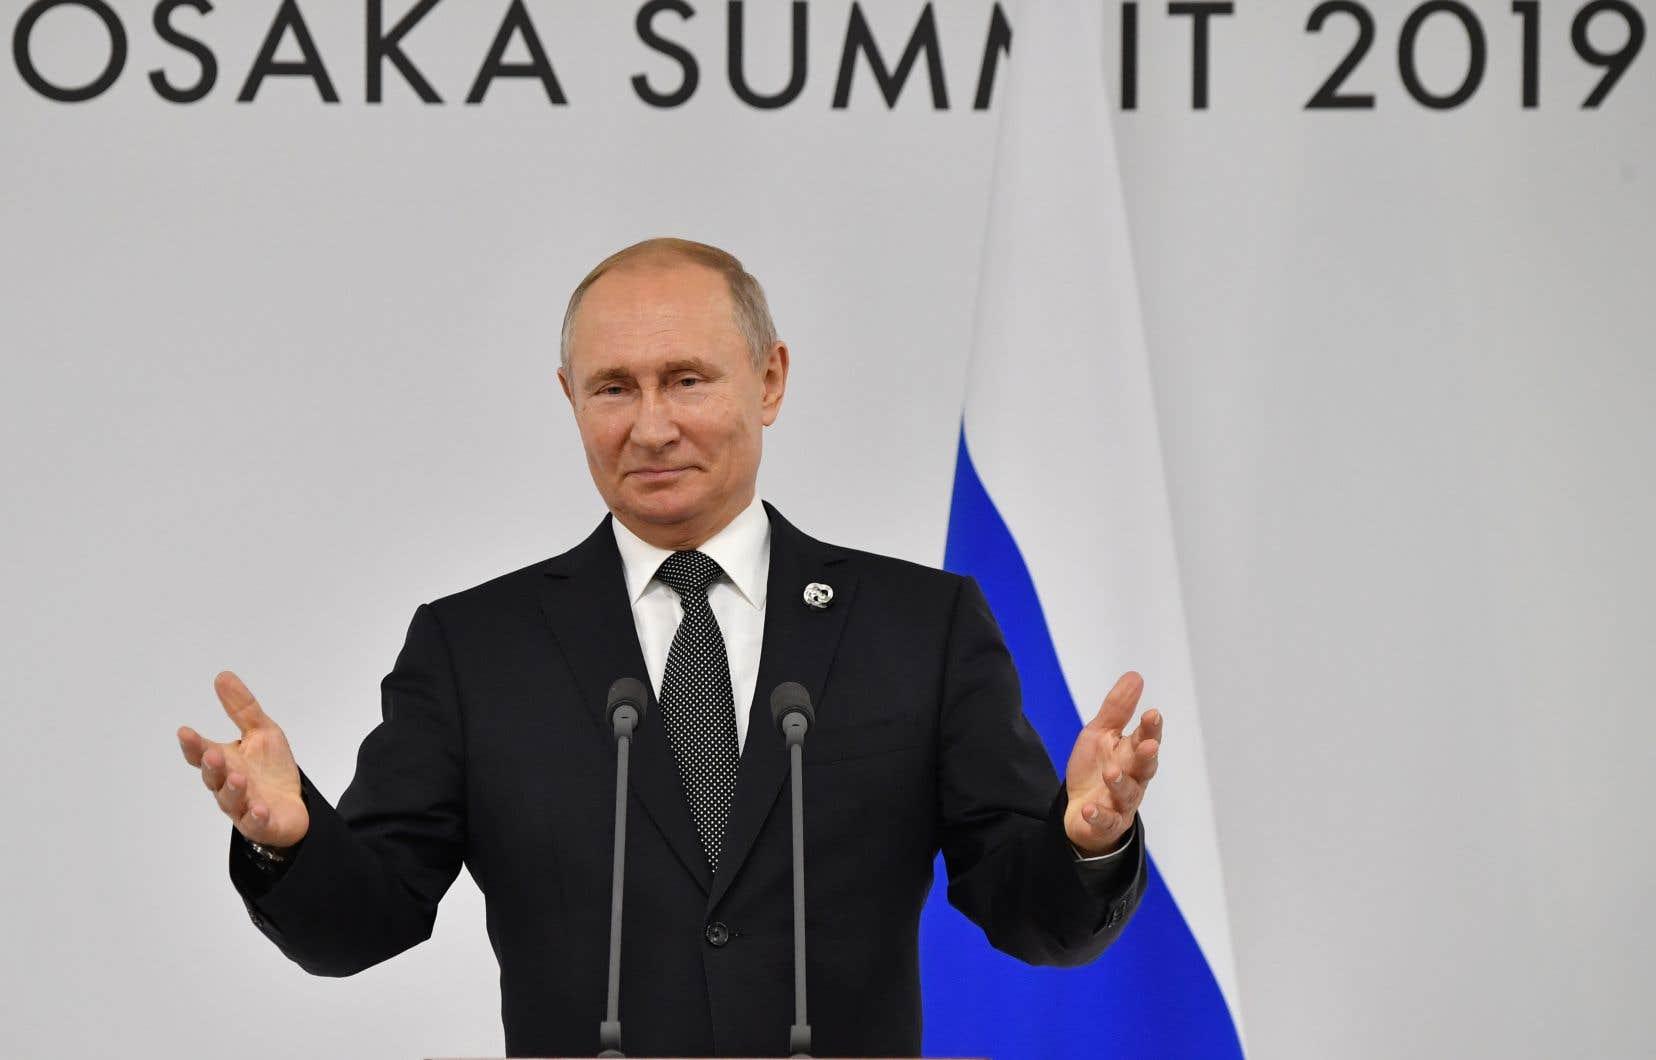 La conception du monde de Vladimir Poutine a touché une corde sensible chez certains dirigeants à Osaka.